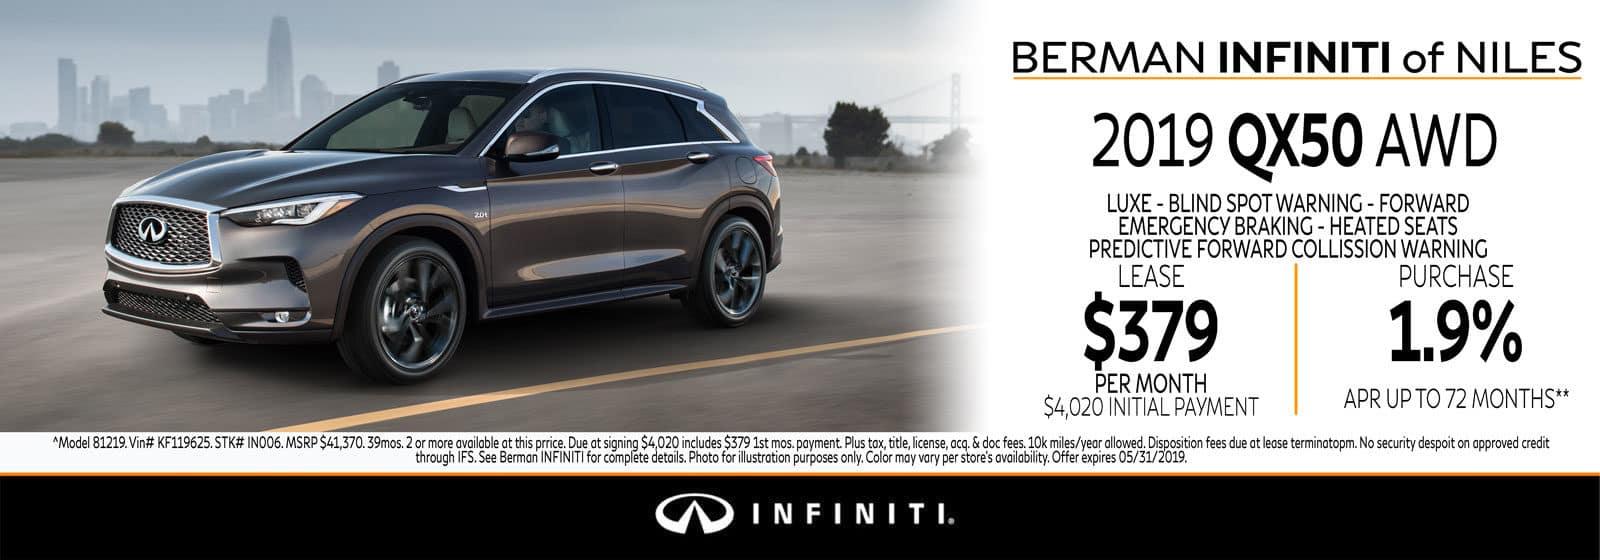 New 2019 INFINITI QX50 May Offer at Berman INFINITI of Niles